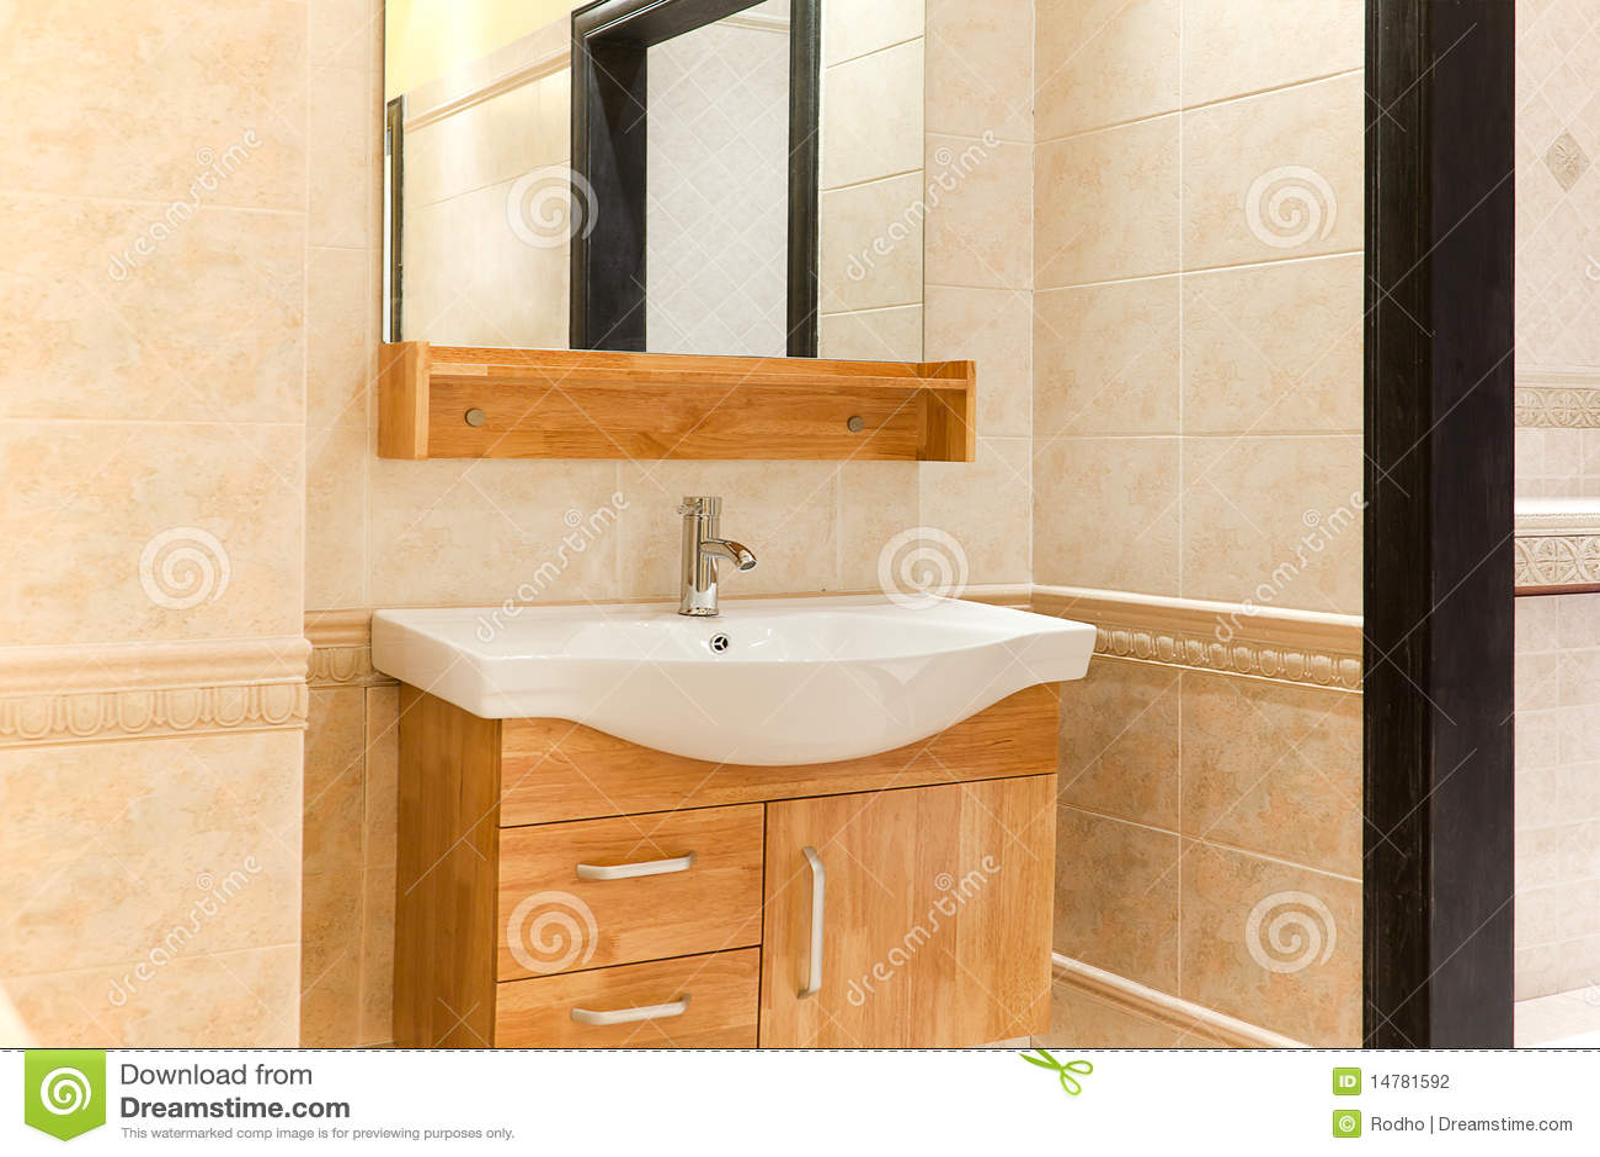 Dissipador e contador bonitos do banheiro. #824E16 1300x957 Banheiro Bonito E Pequeno